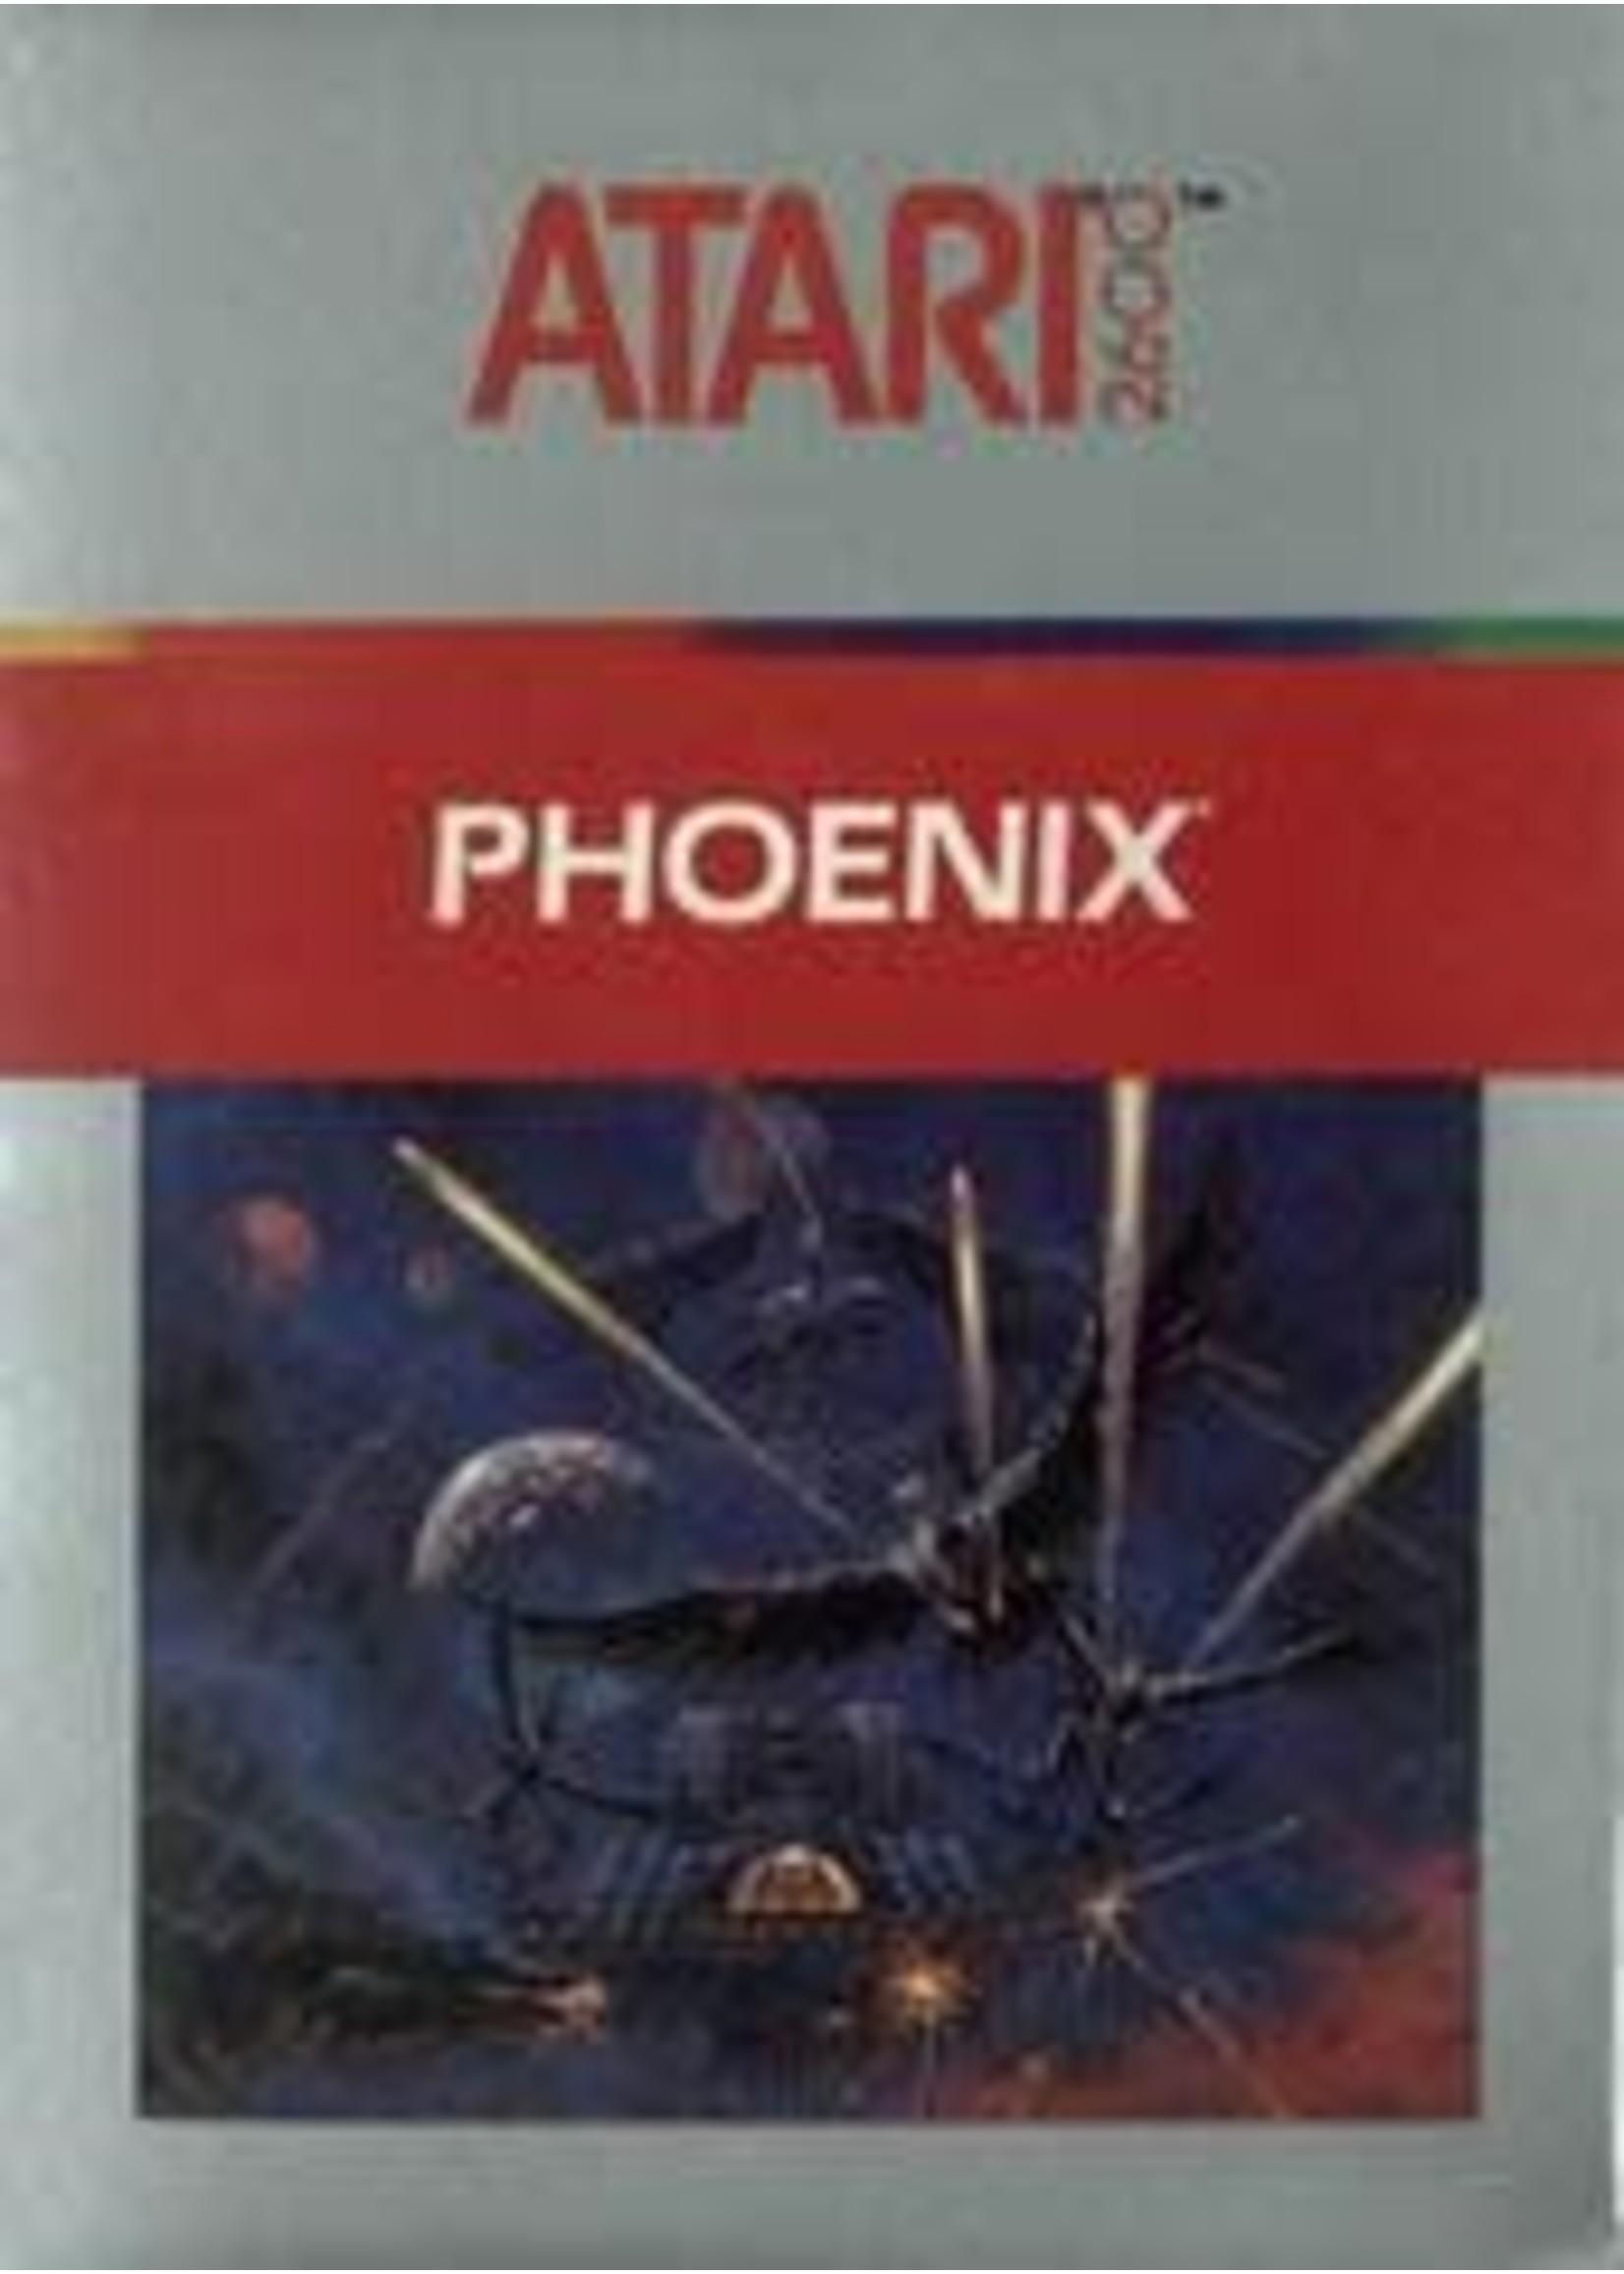 Phoenix Atari 2600